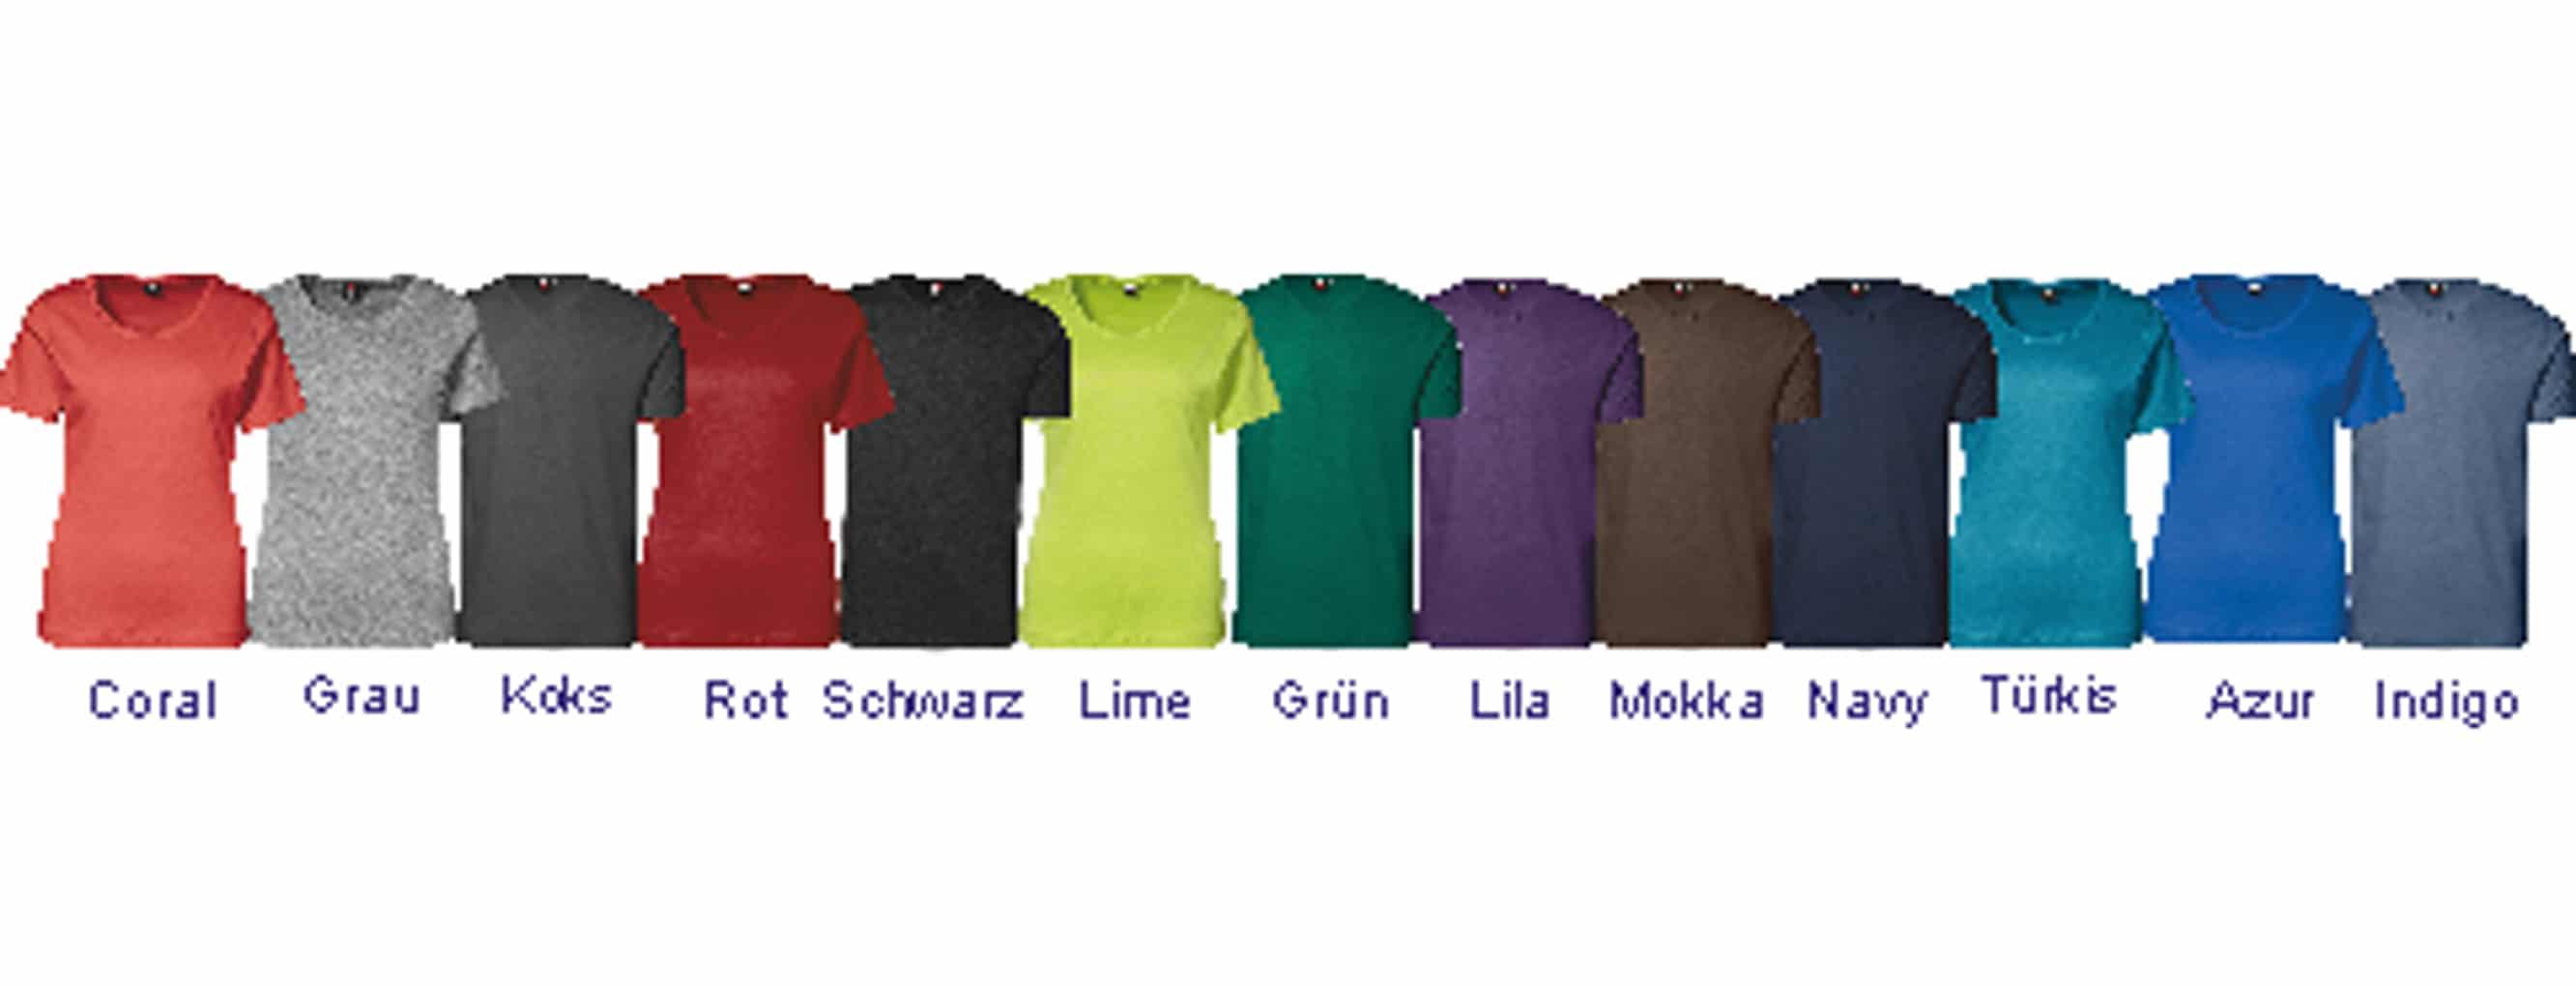 Farben T-Shirt ID 0517-508